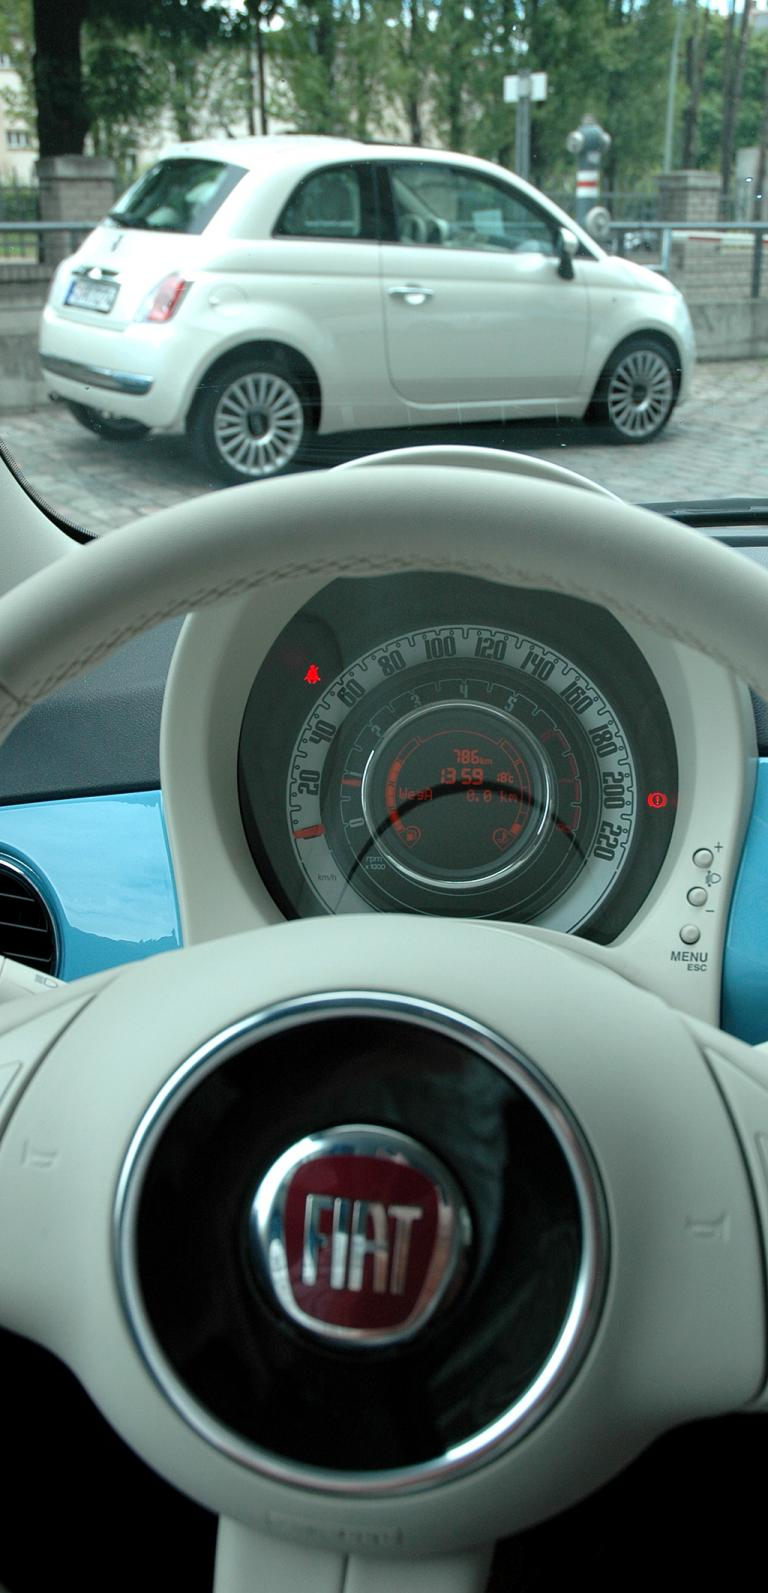 Fiat 500 TwinAir: Blick vom Lenkrad über den Tacho nach außen.